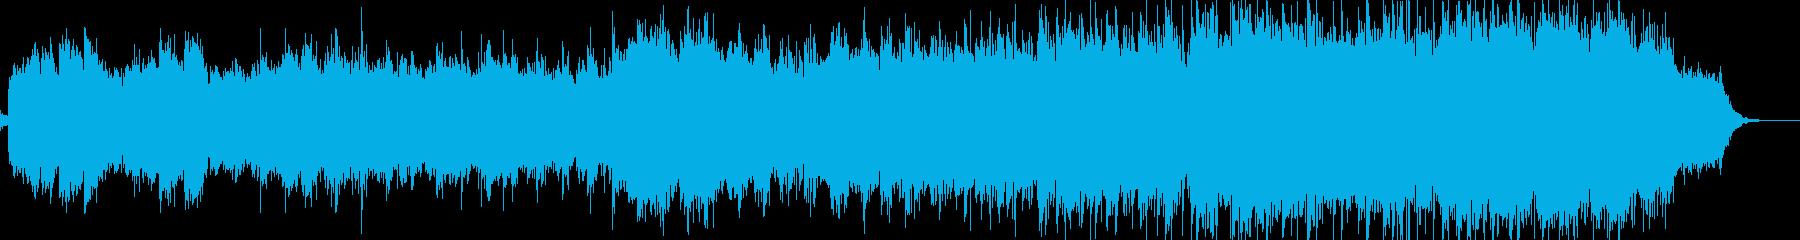 アイリッシュなオリジナル民族音楽です。の再生済みの波形